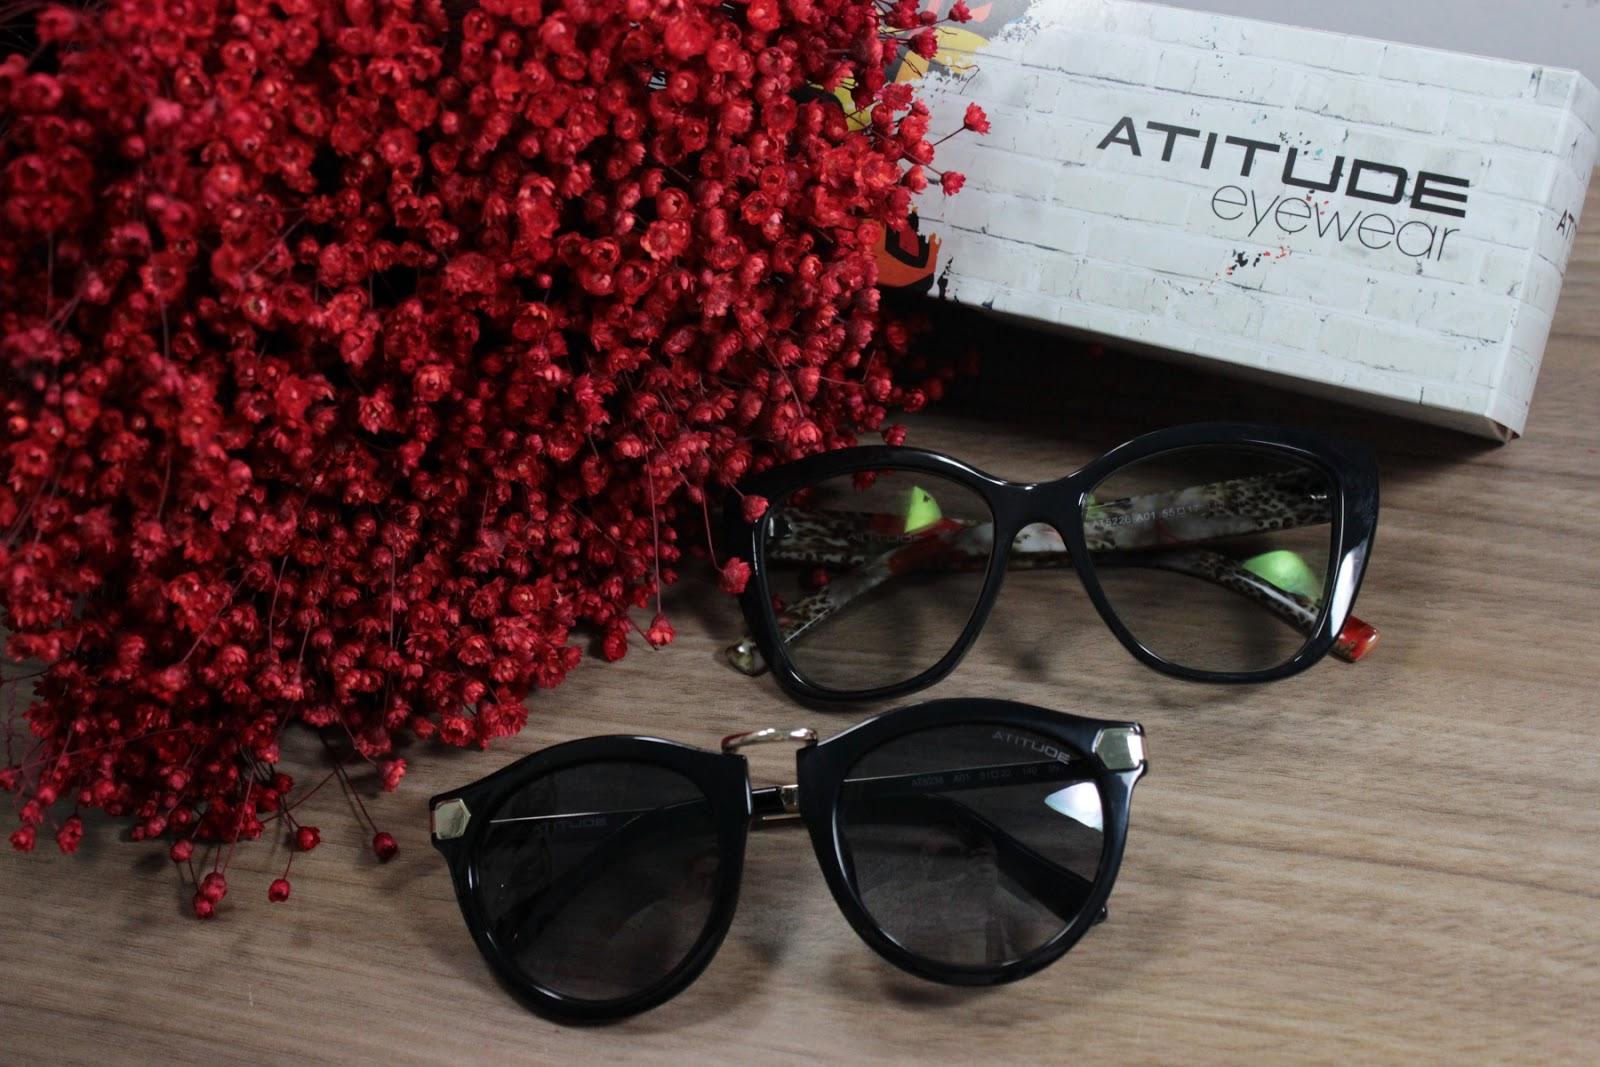 96d766739f7a8 Fashion MiMi  Óculos Go Eyewear e Lentes Transitions  Atitude ...